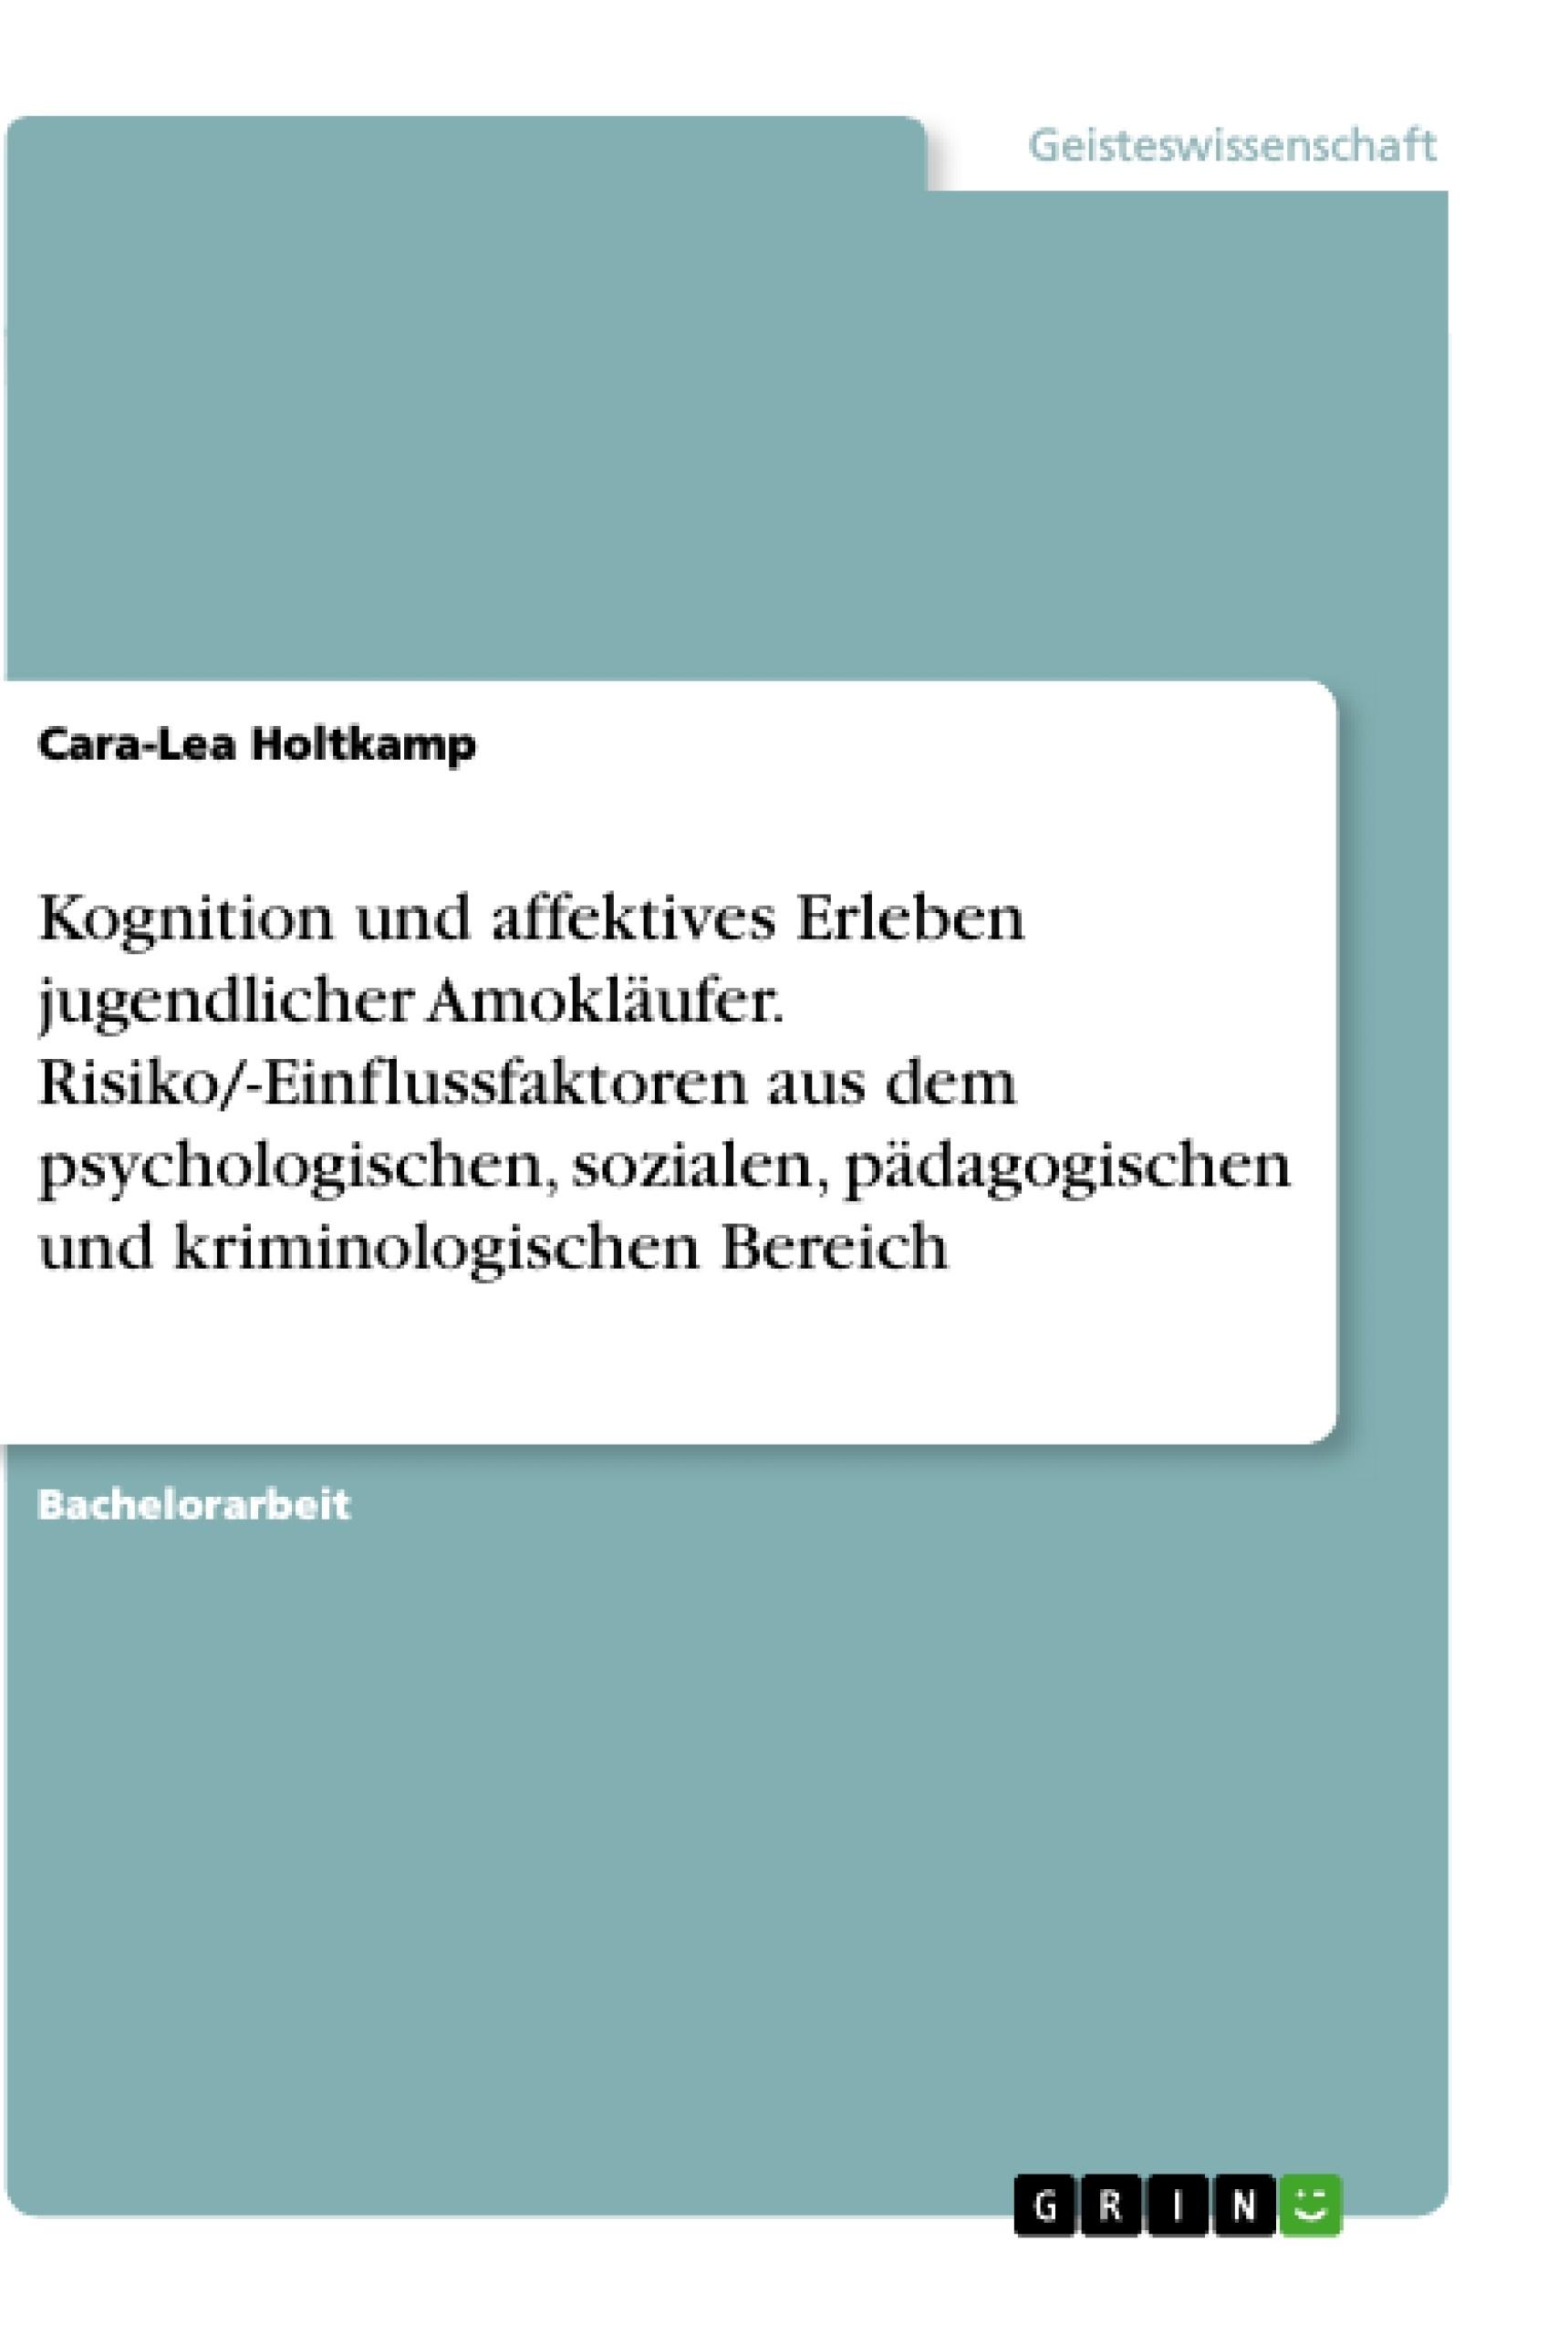 Titel: Kognition und affektives Erleben jugendlicher Amokläufer. Risiko/-Einflussfaktoren aus dem psychologischen, sozialen, pädagogischen und kriminologischen Bereich